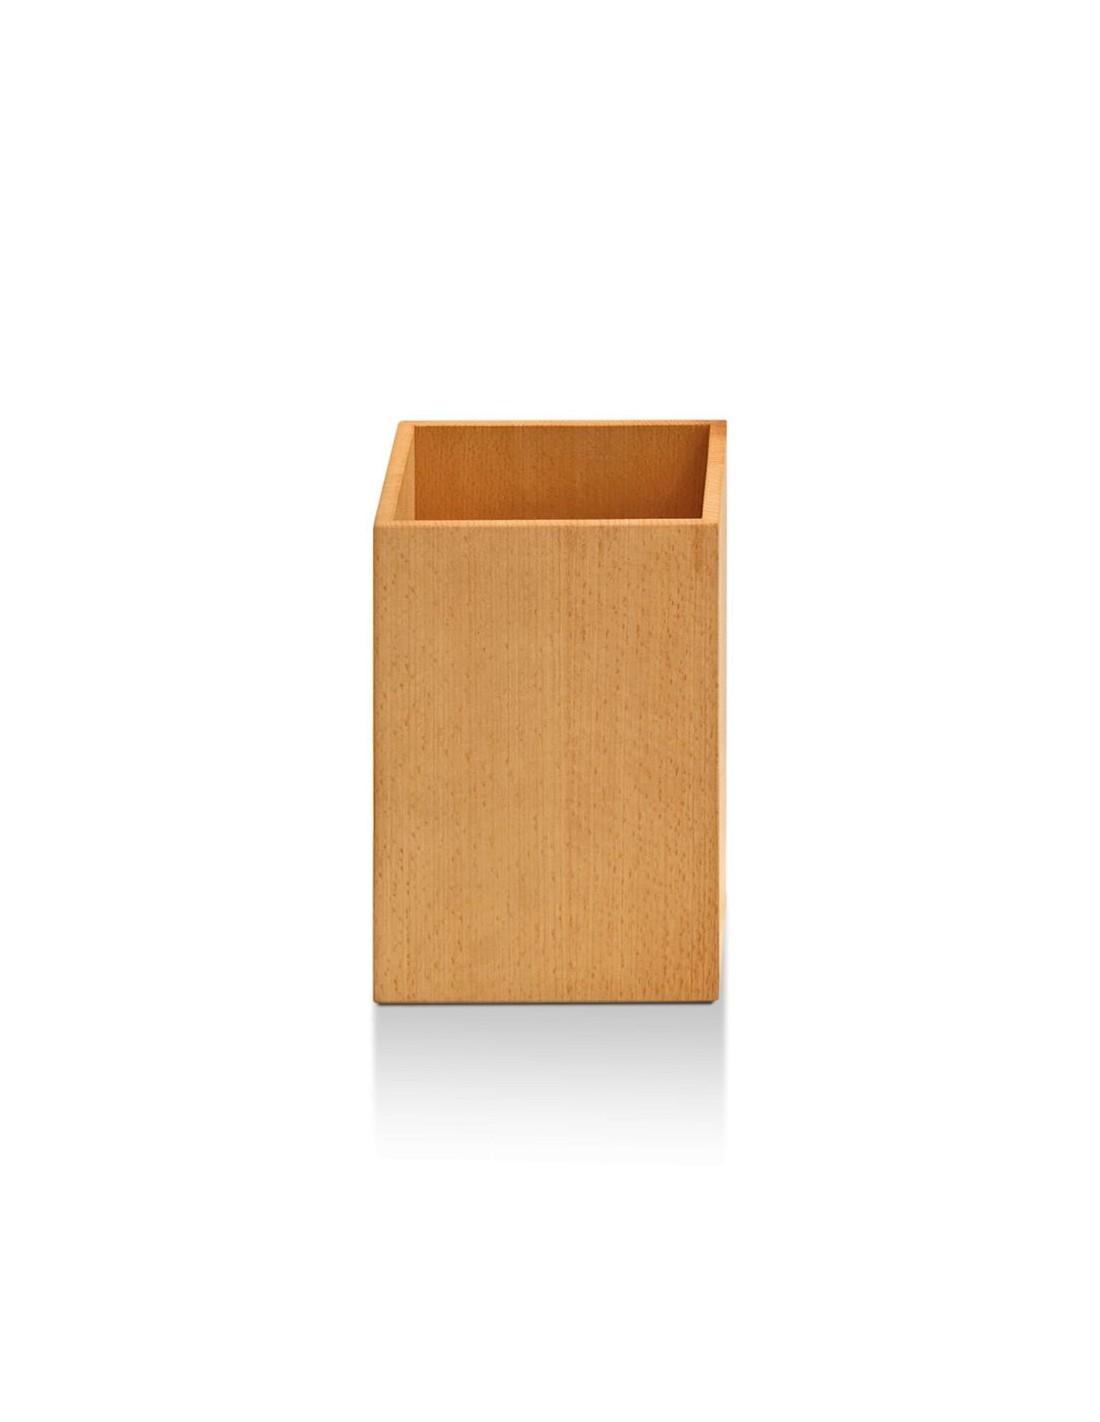 corbeille papier en bois massif h tre clair wood wo pk decor walther. Black Bedroom Furniture Sets. Home Design Ideas